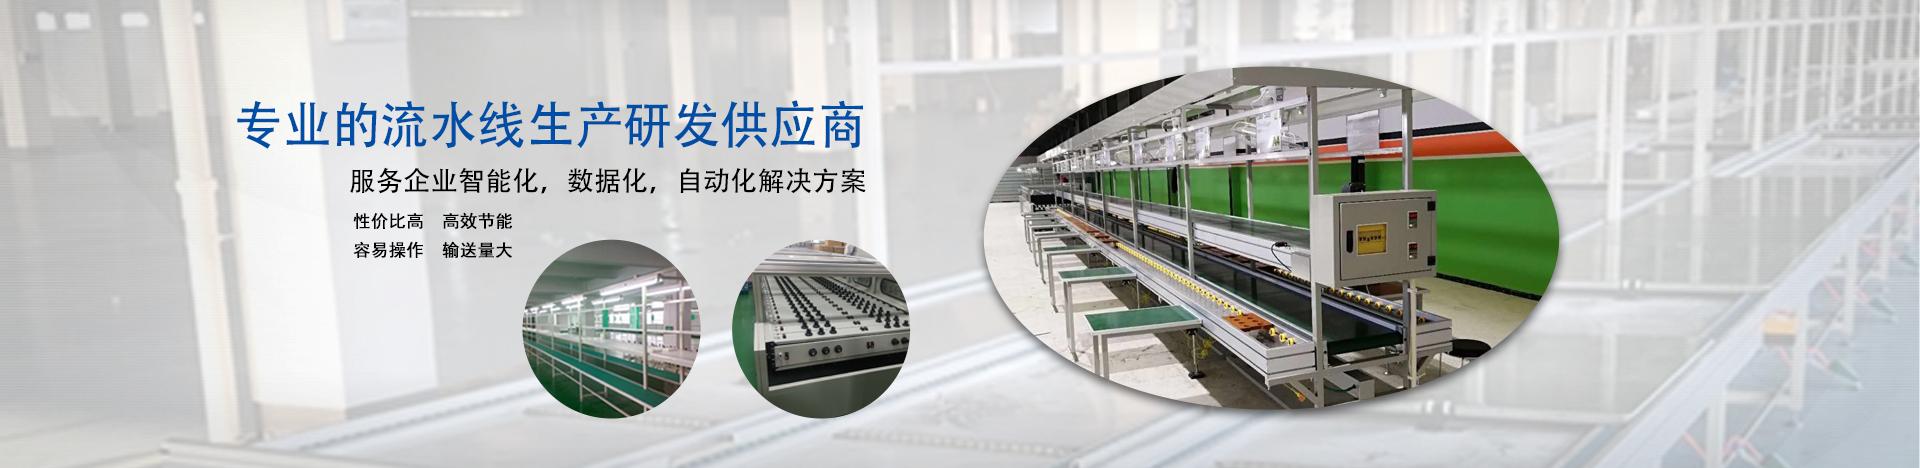 非标自动化生产线,生产流水线厂家,自动化装配线